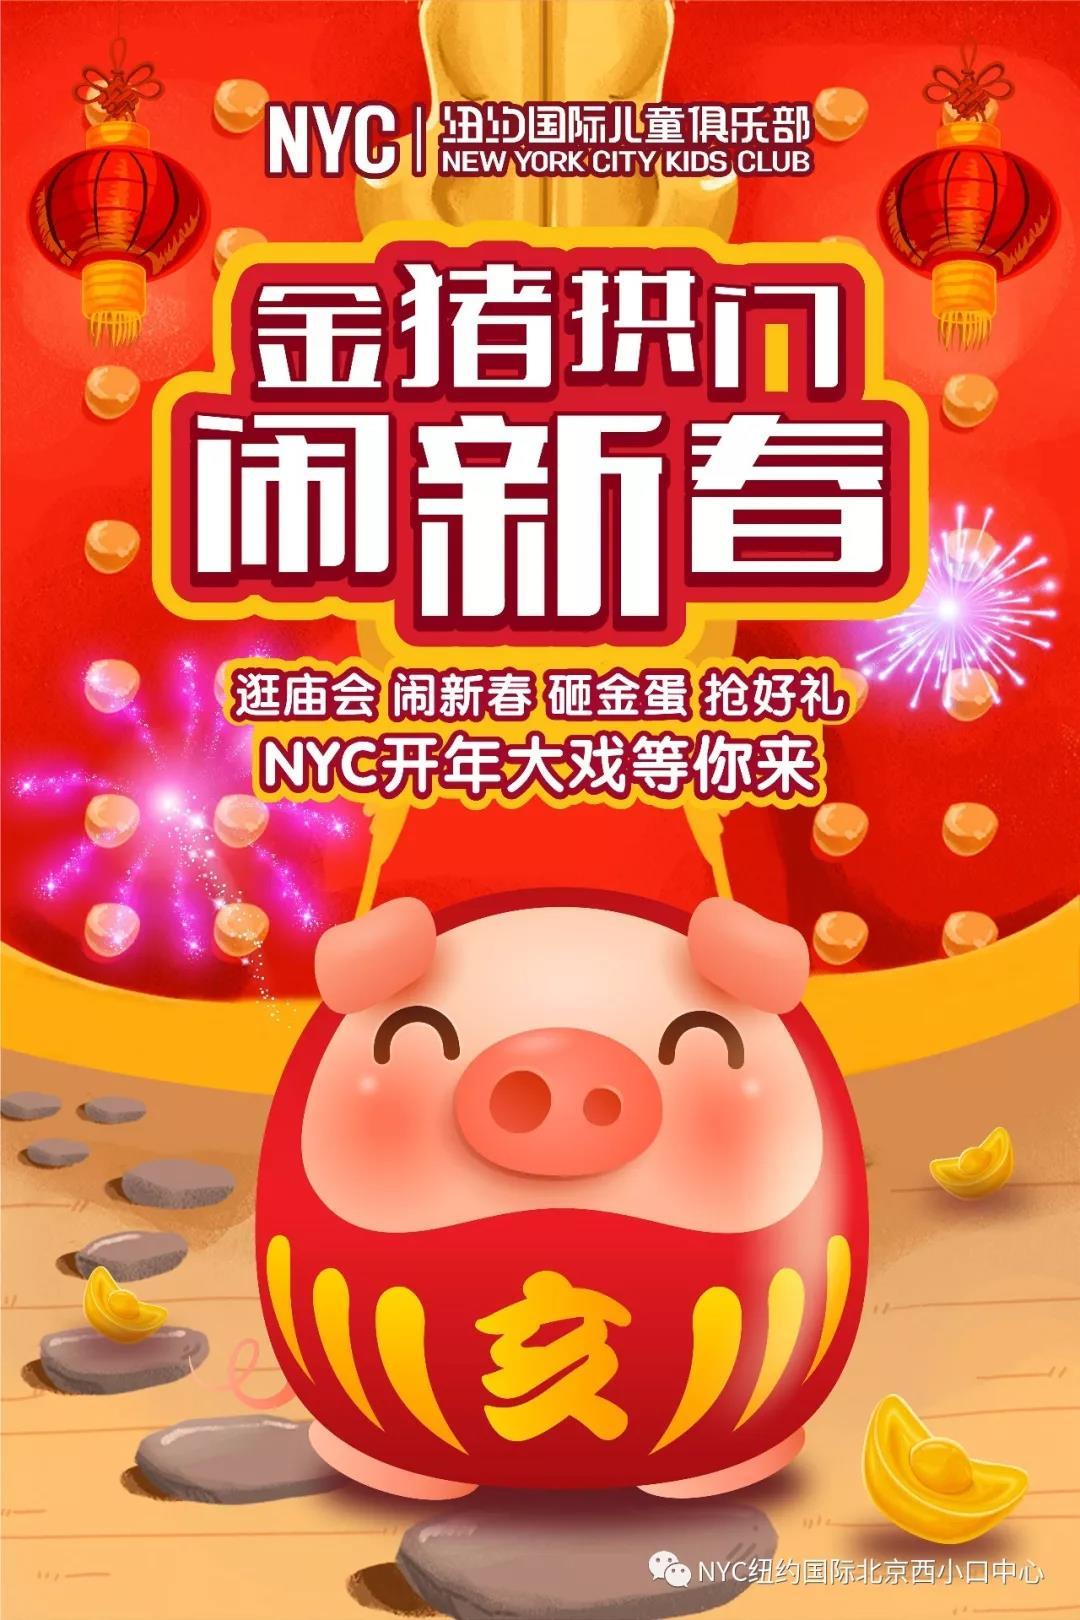 NYC纽约国际北京西小口早教中心:【活动预告】NYC新春庙会